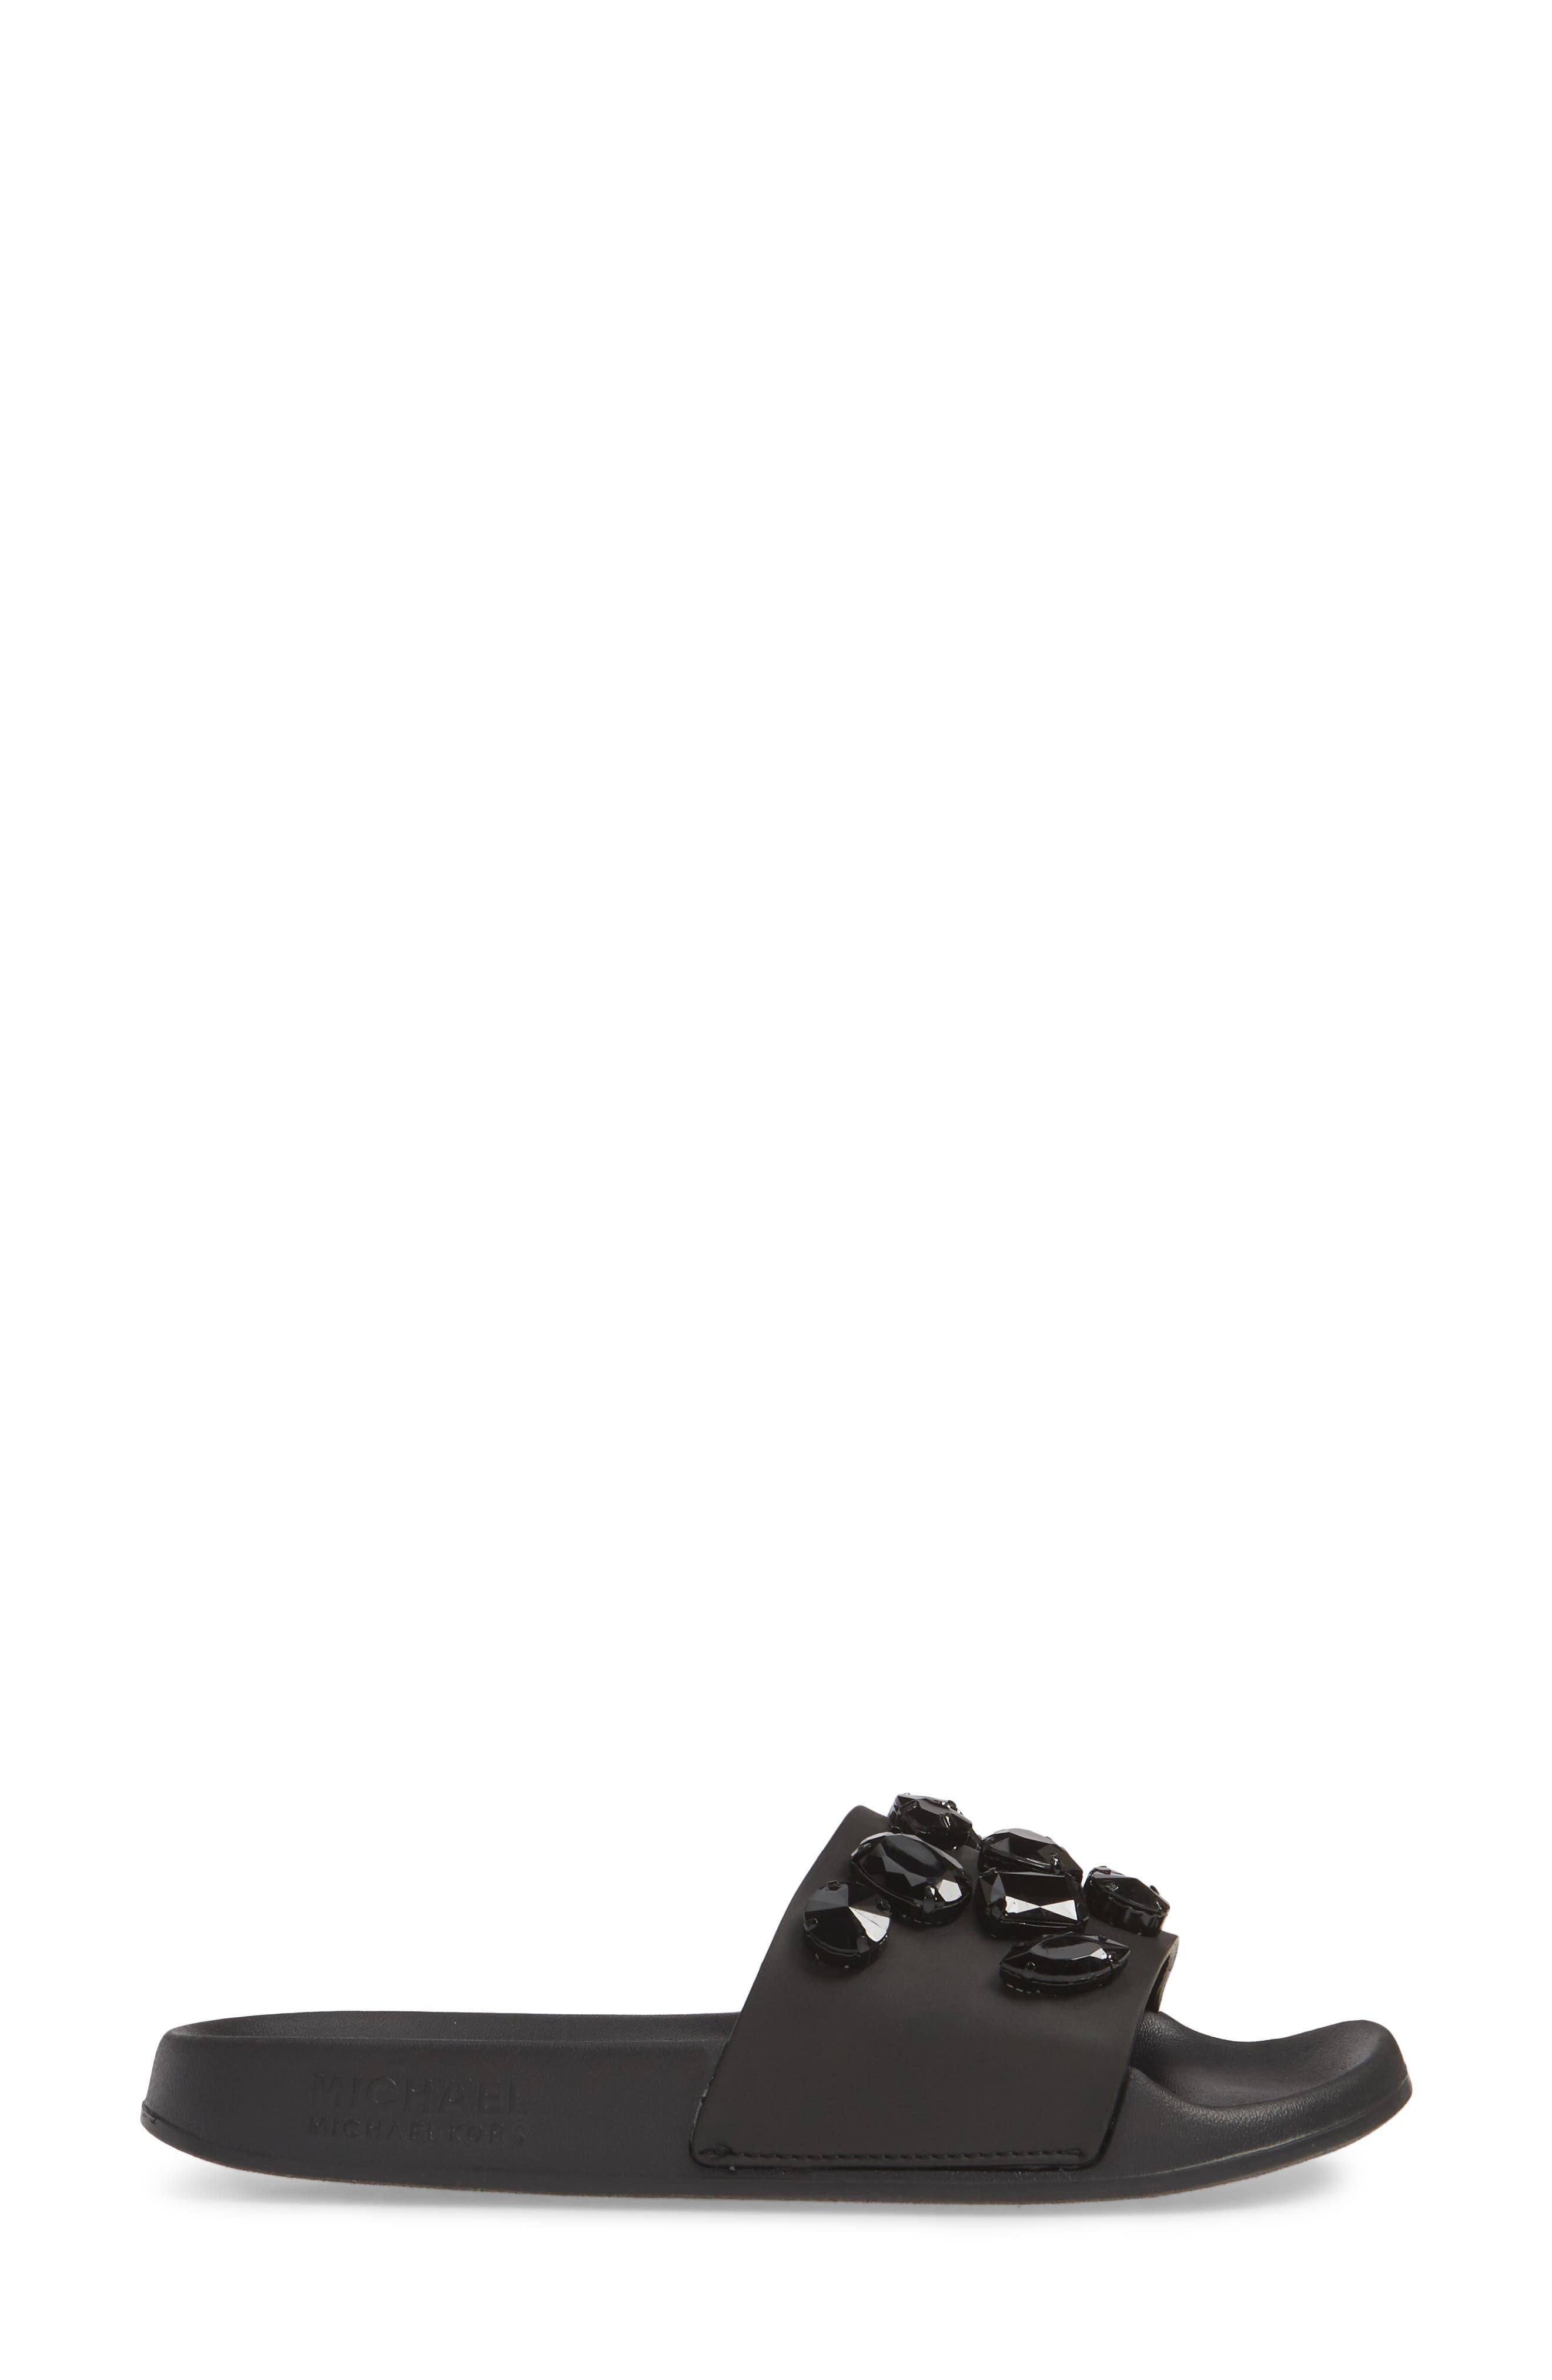 MICHAEL MICHAEL KORS, Gilmore Slide Sandal, Alternate thumbnail 3, color, BLACK